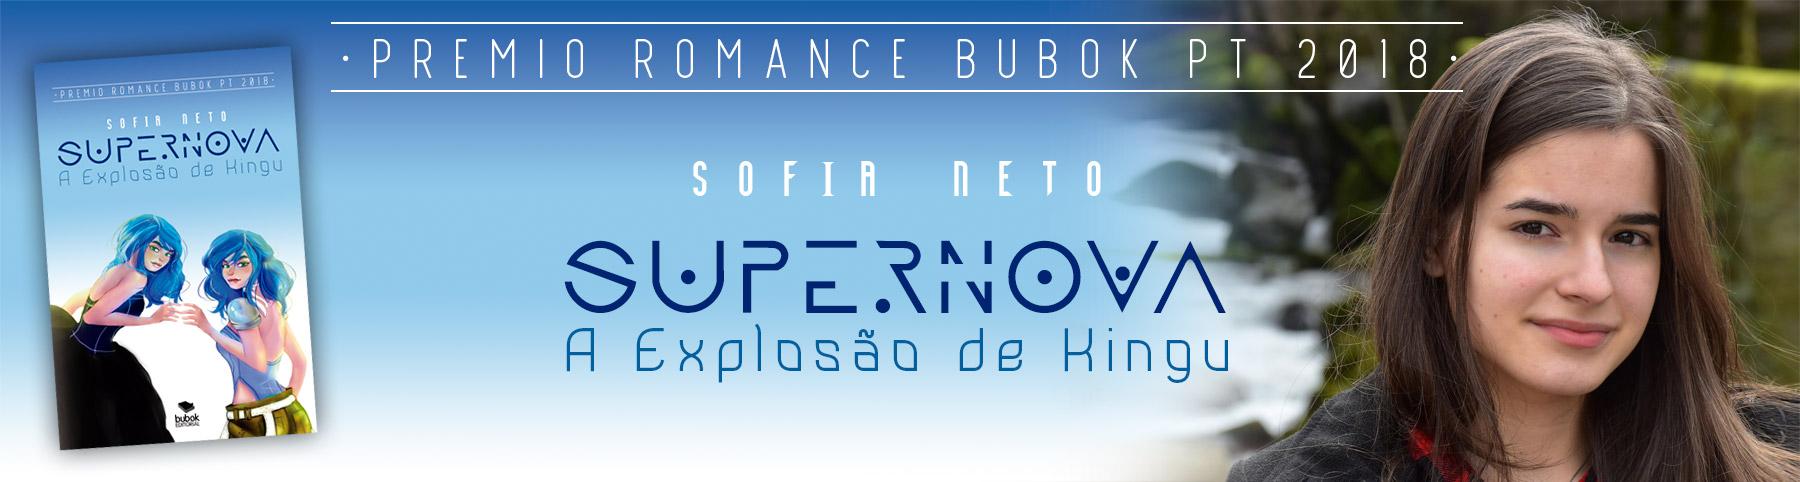 Sofia Neto, a autora mais jovem e promissora da Bubok Portugal